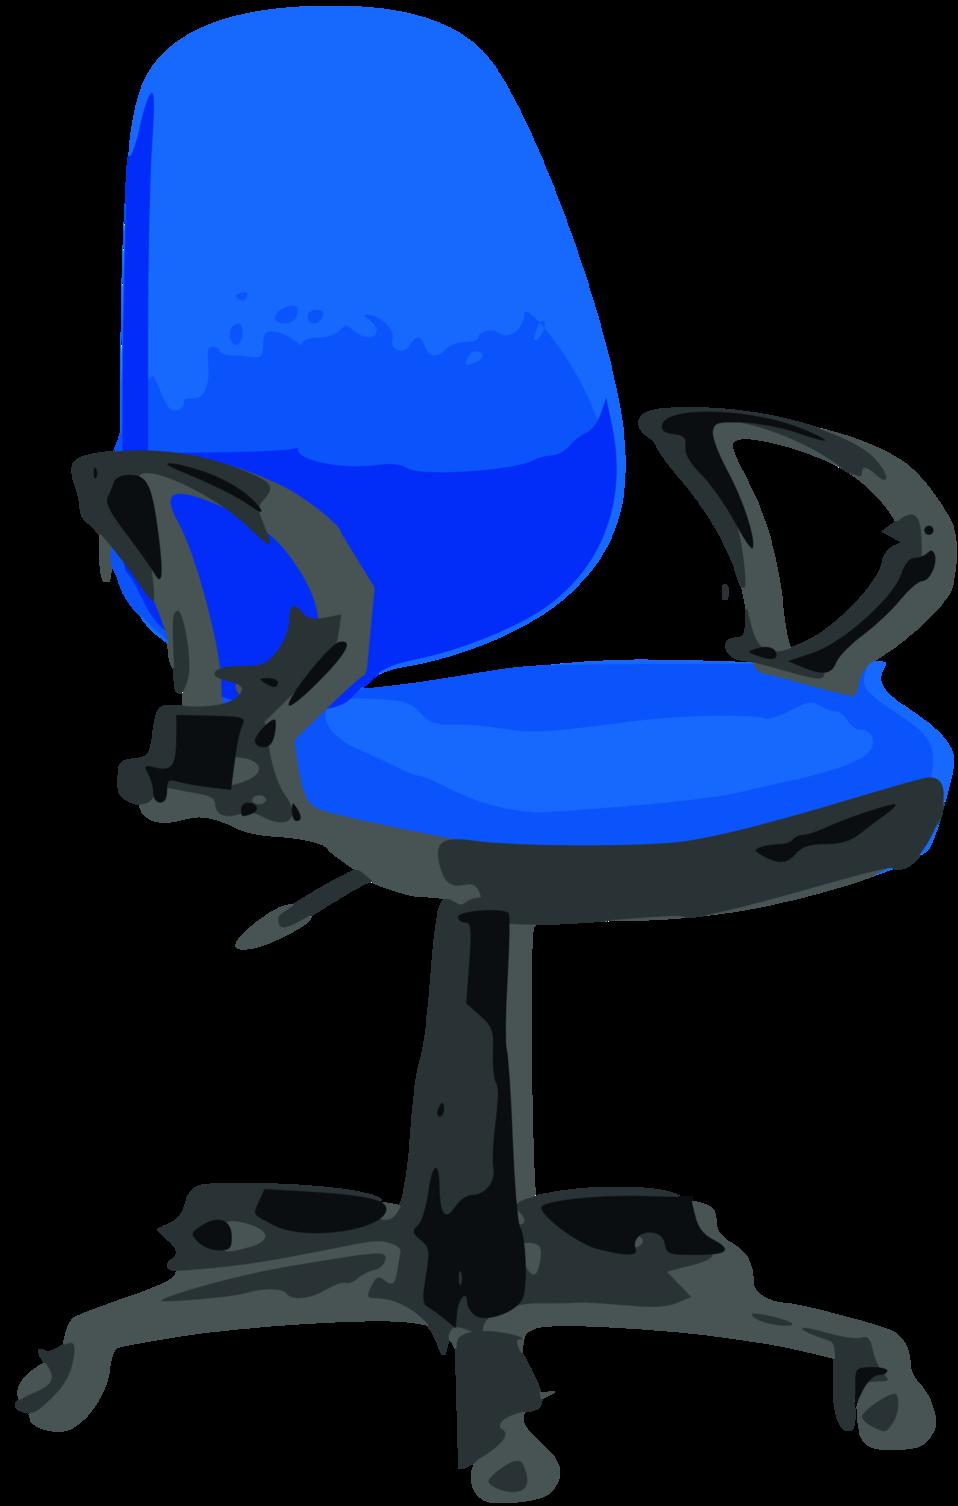 Clipart chair plastic. Public domain clip art